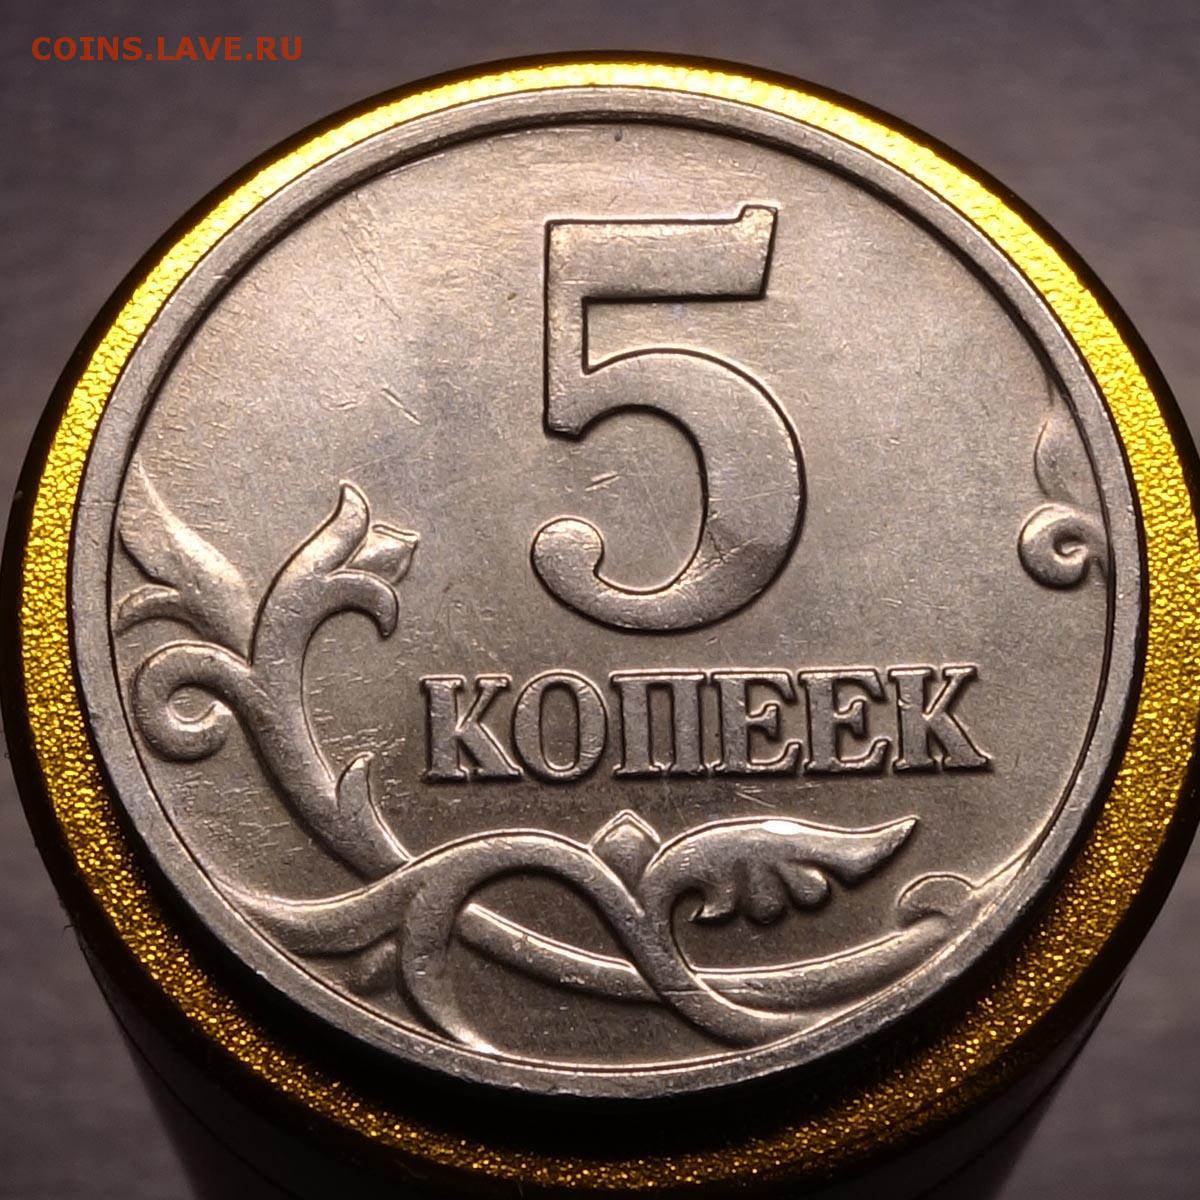 Цена на монеты 1990 года  Каталог монет СССР